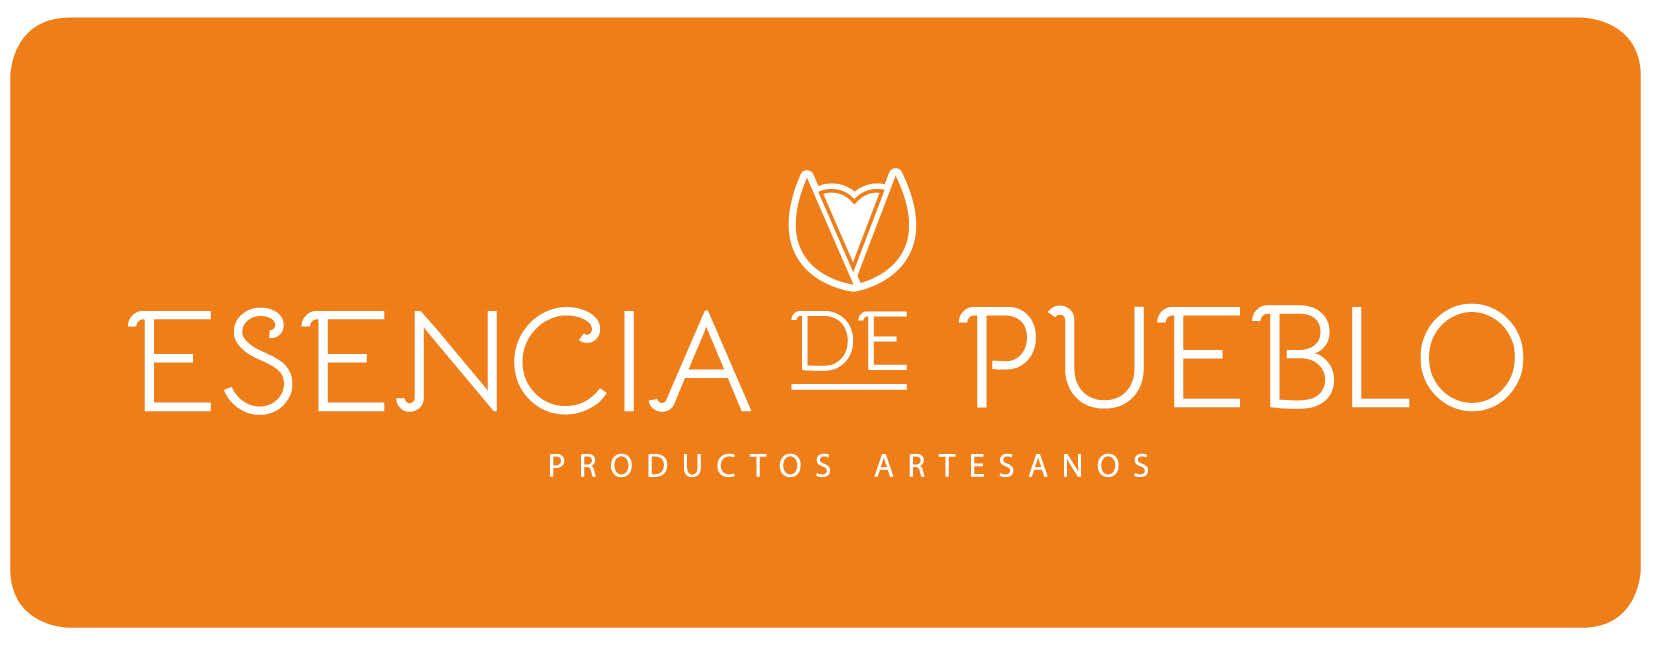 Esencia de Pueblo: una tienda online de productos artesanos